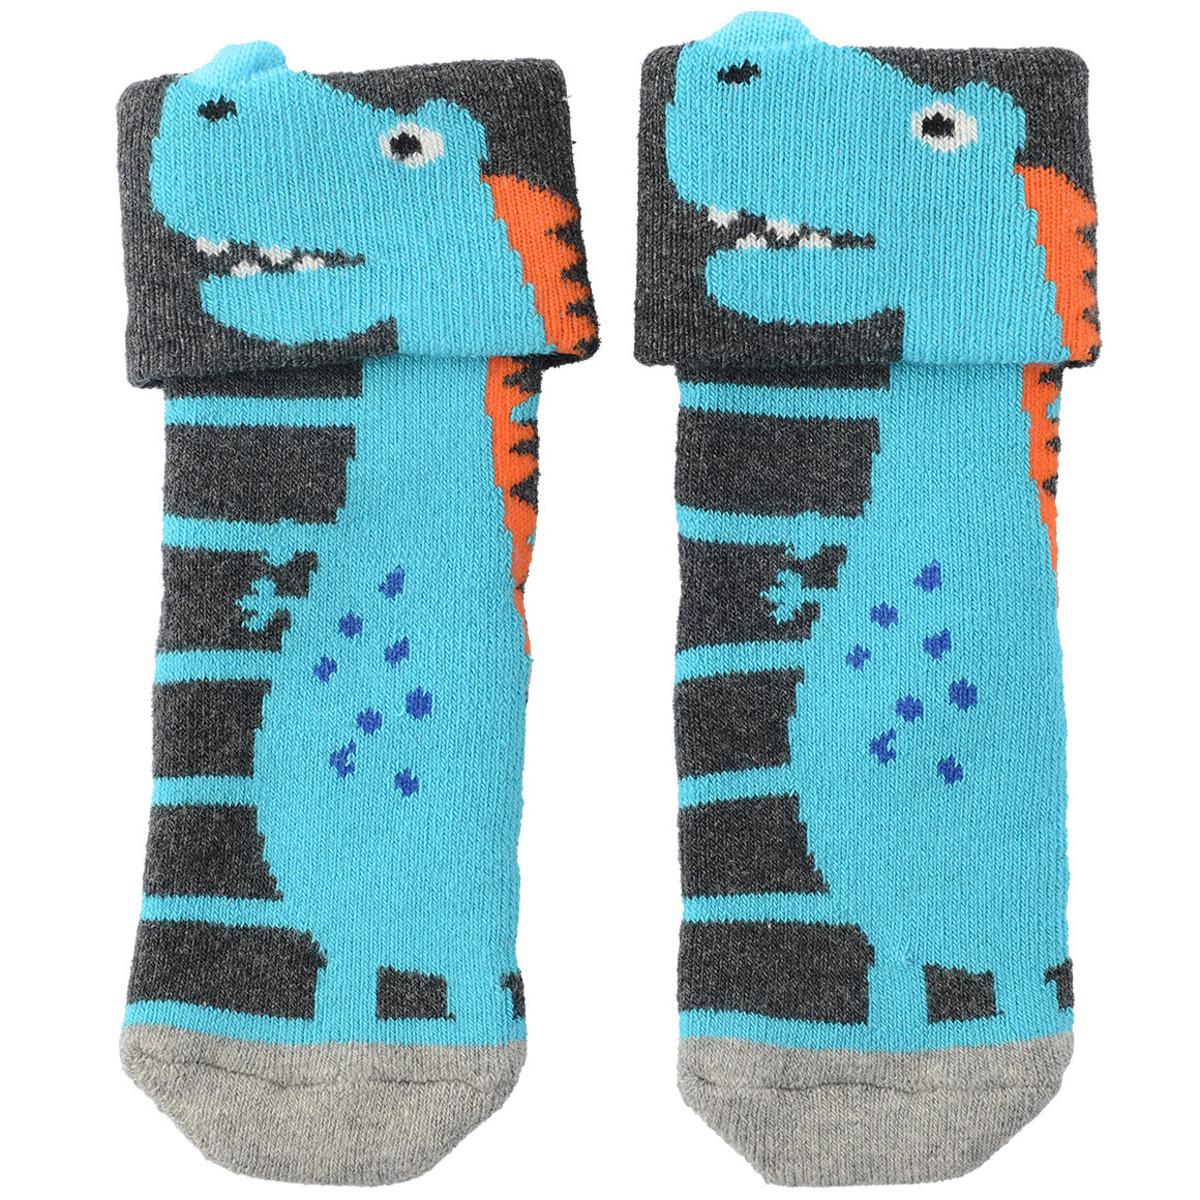 Bild 4 von 3 Paar Baby Socken mit Dino-Motiv